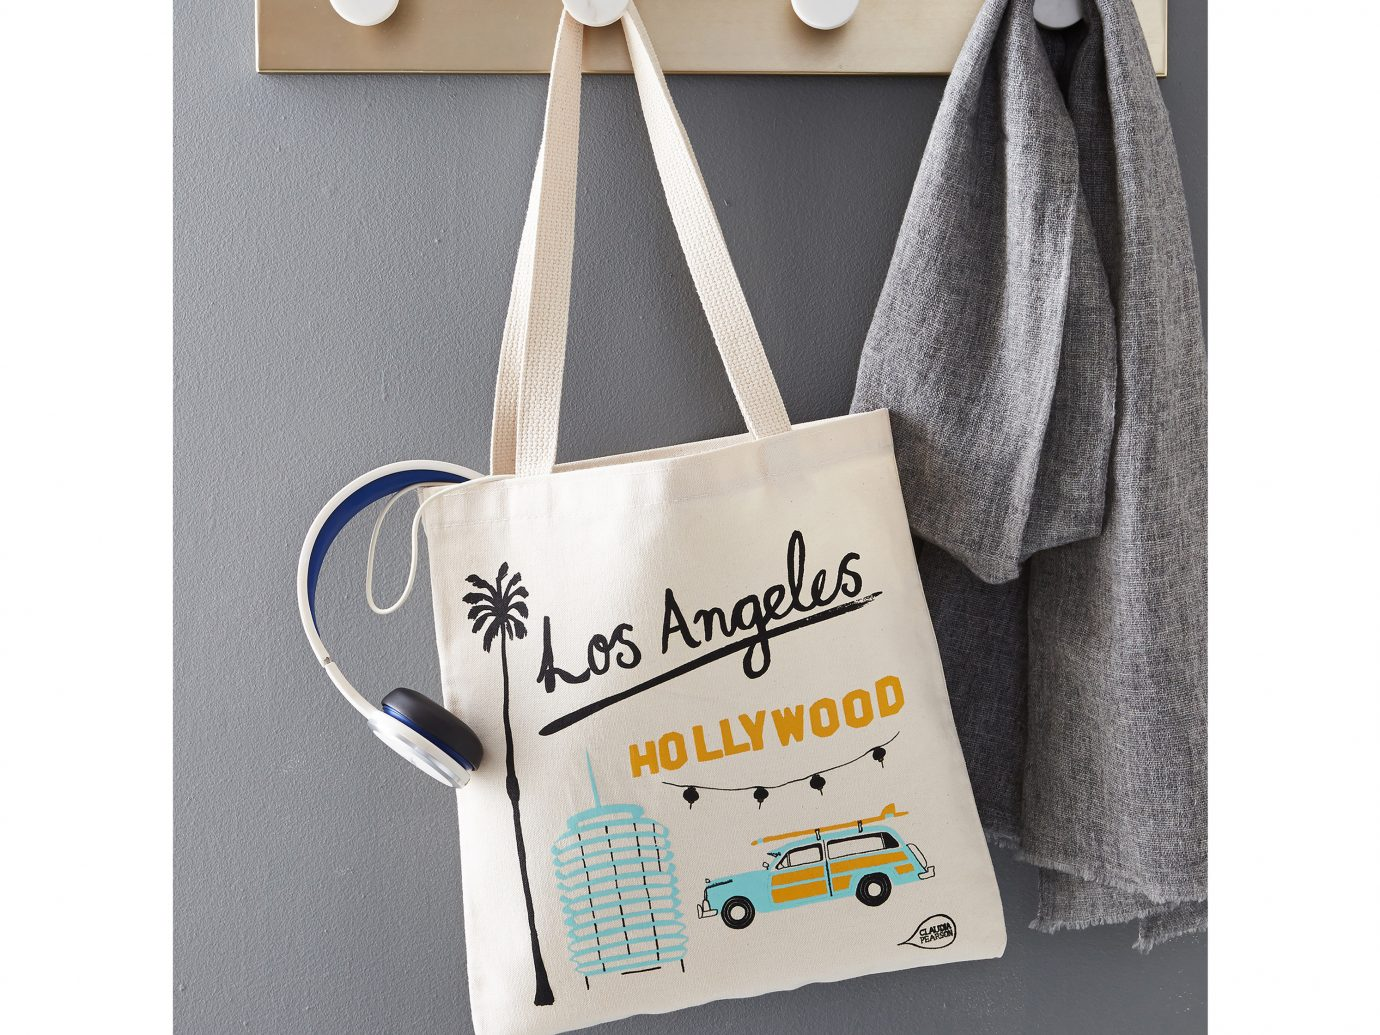 Style + Design handbag bag product tote bag brand